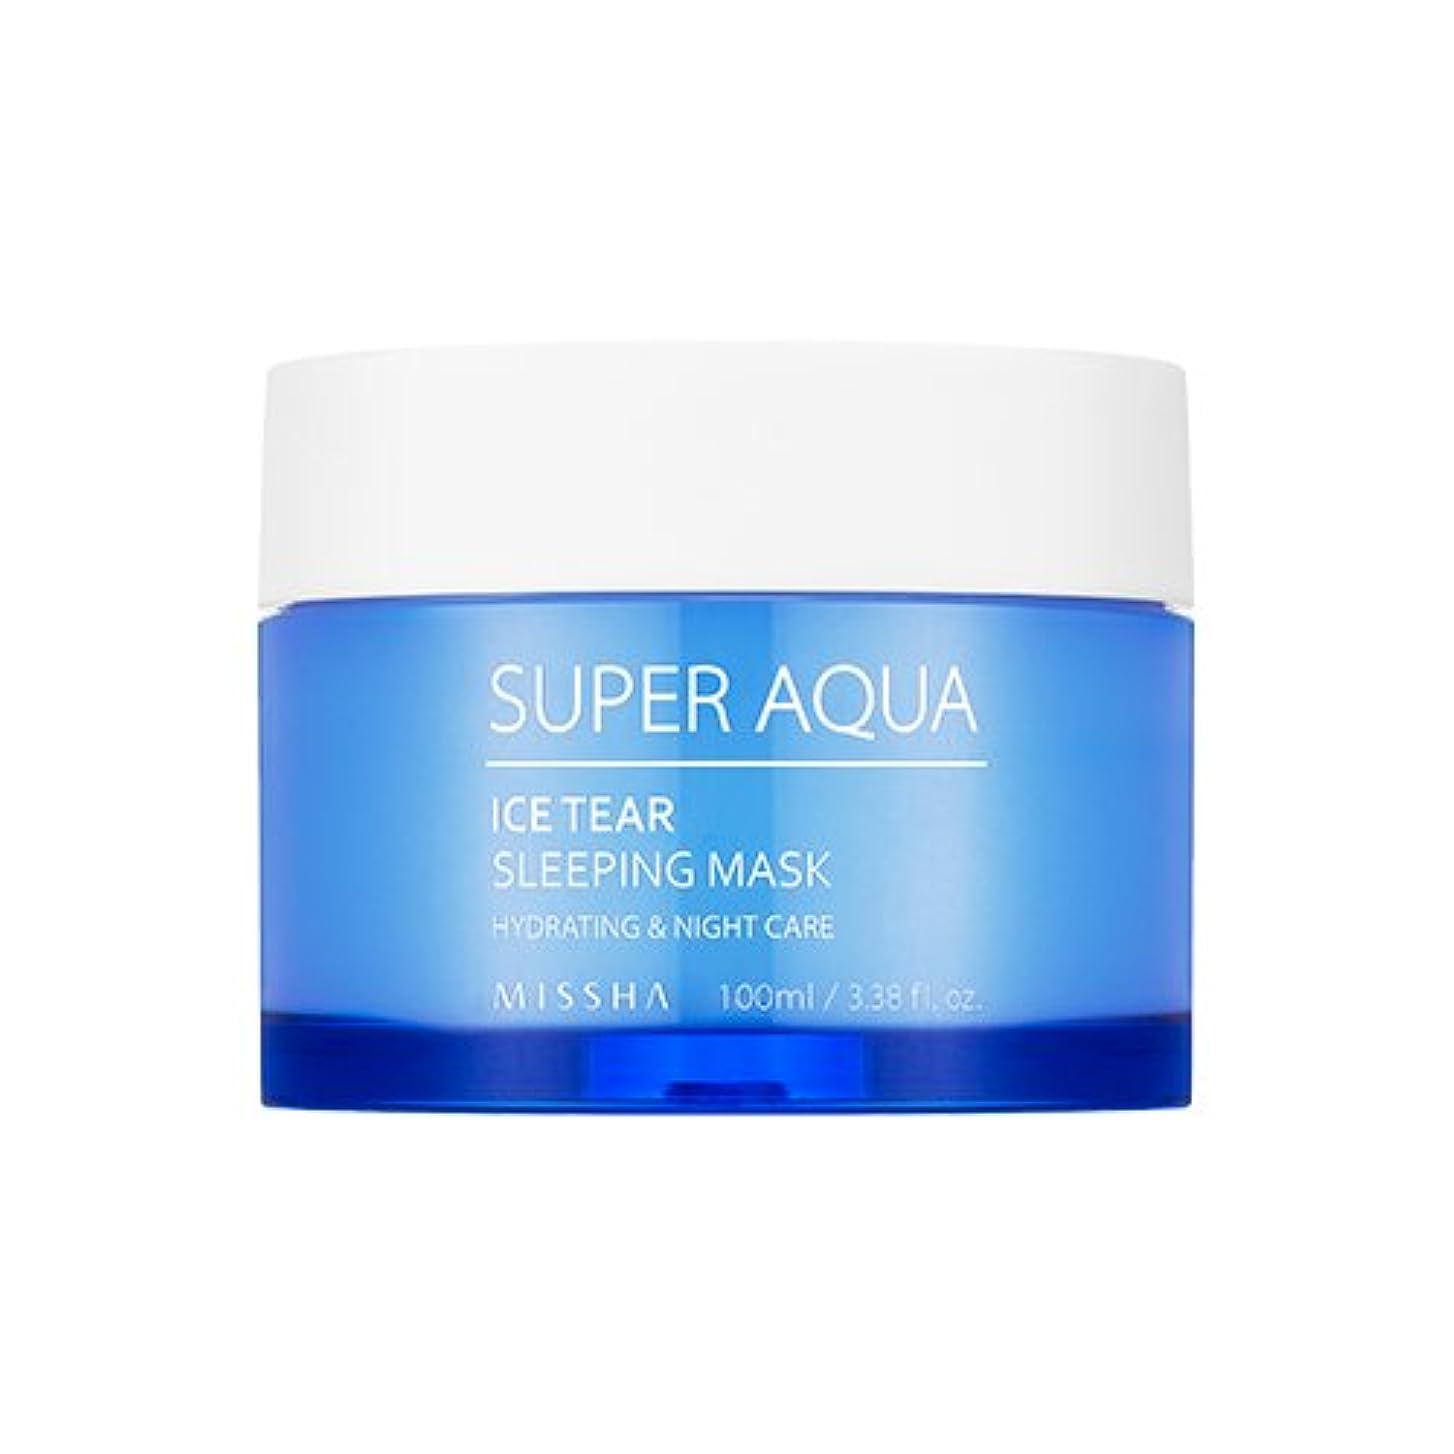 レンチ許可不正MISSHA Super Aqua Ice Tear Sleeping Mask 100ml / ミシャ スーパーアクア アイスティアスリーピングマスク [並行輸入品]